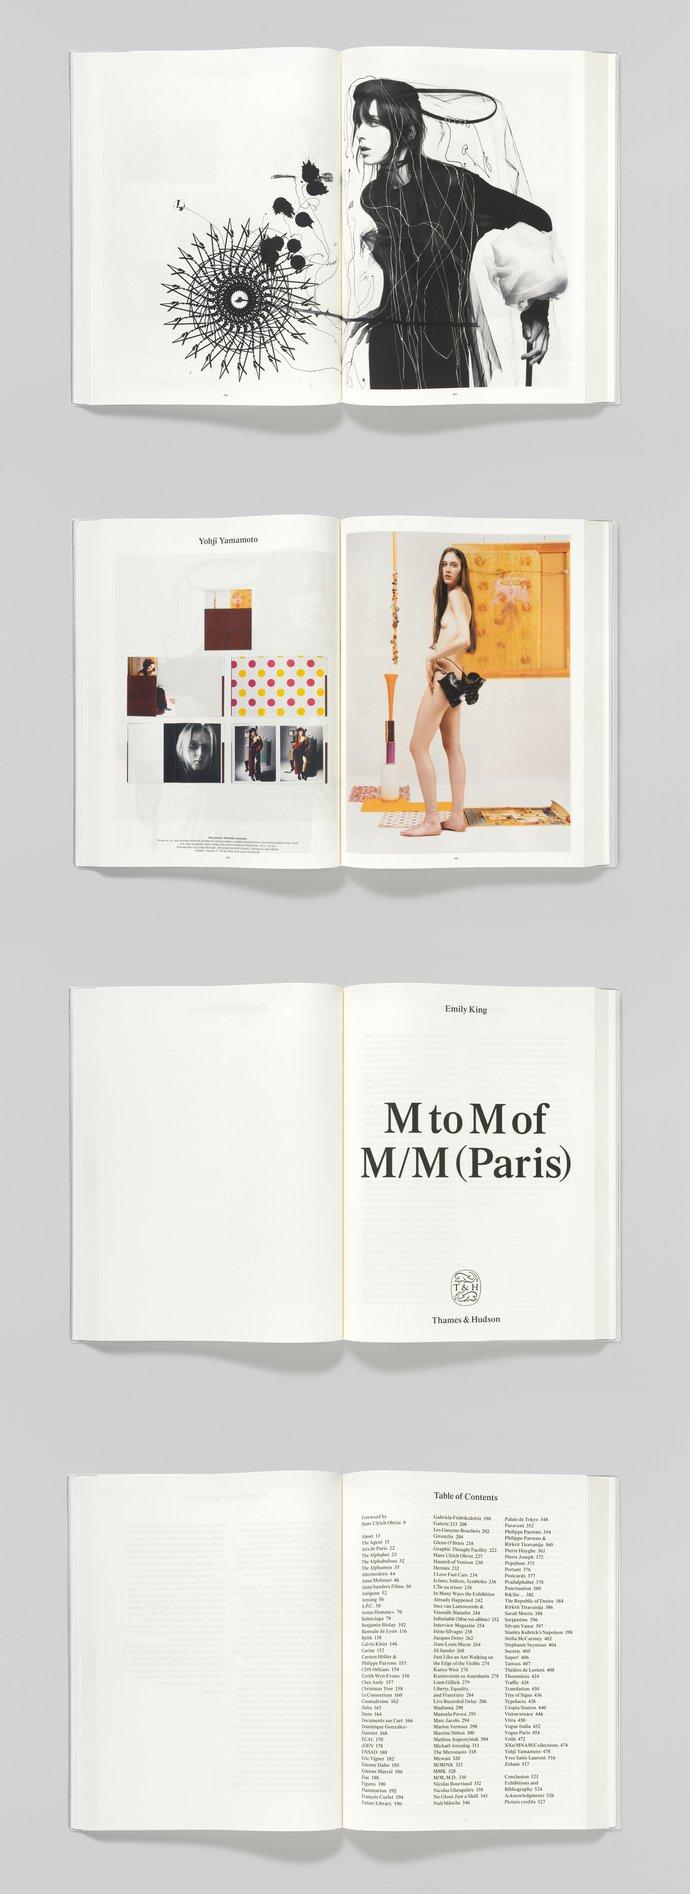 Thames & Hudson – M to M of M/M (Paris), 2012 (Publication), image 4